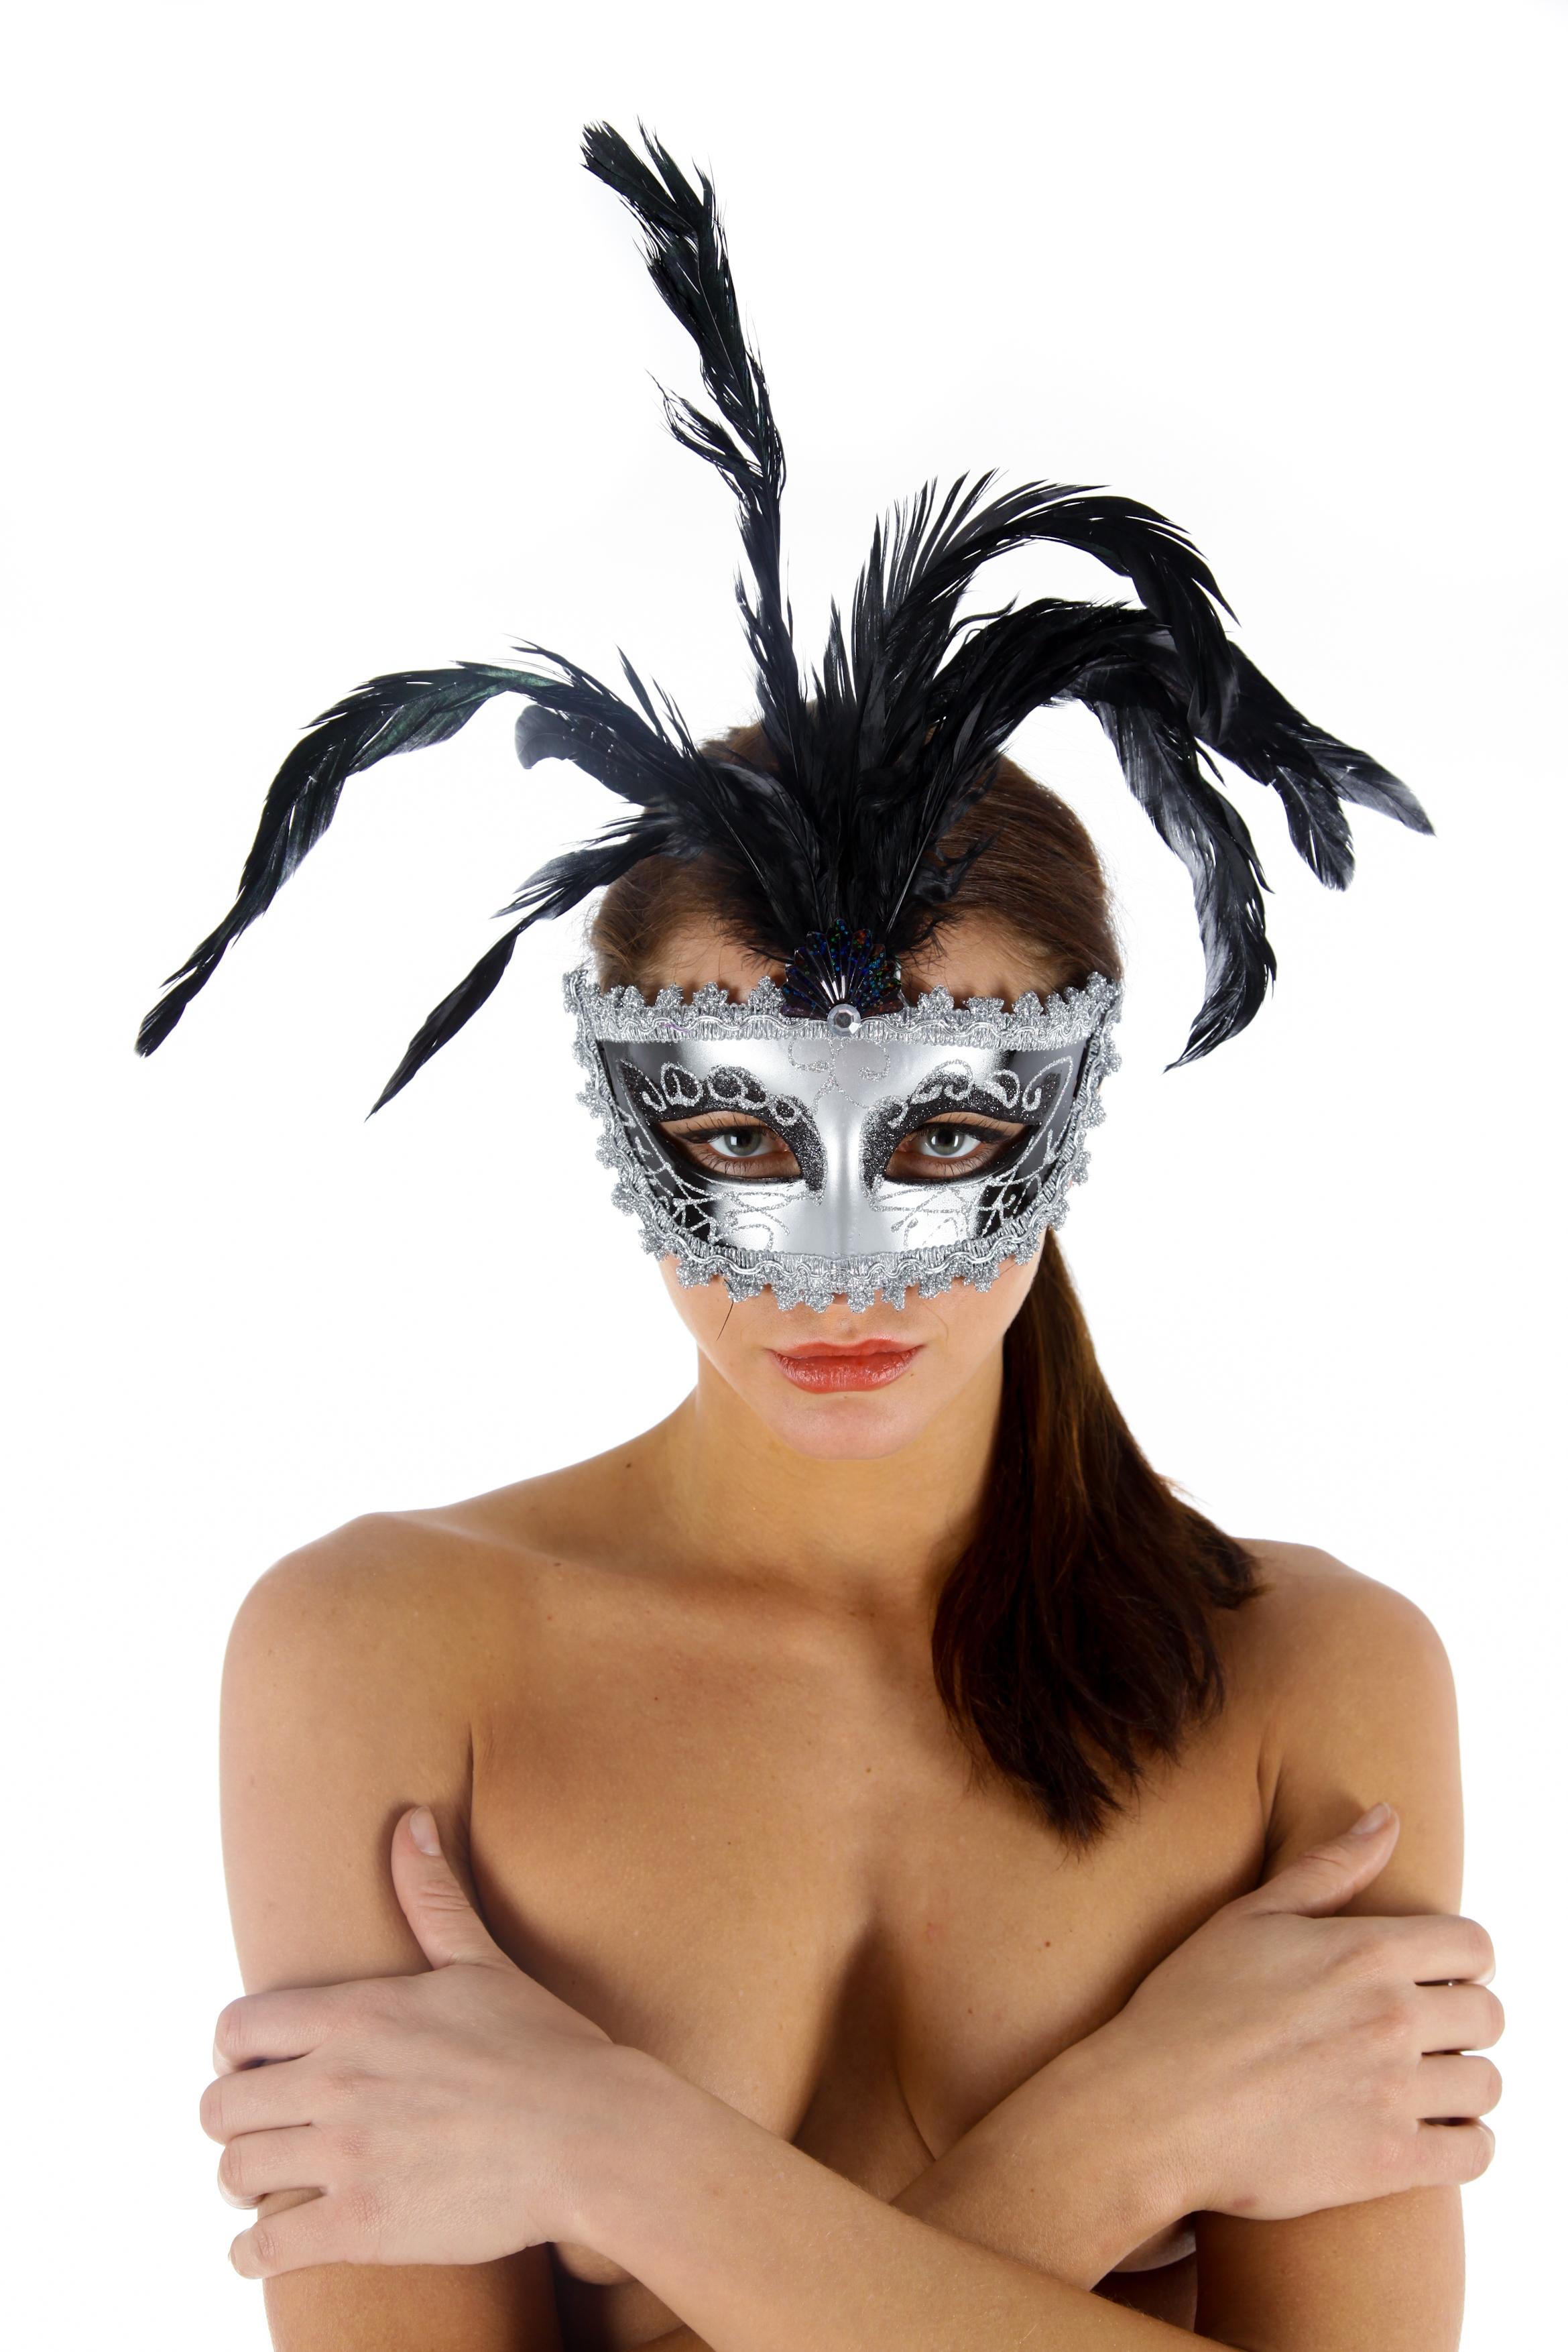 mejor base maquillaje calidad precio bono pulmonar